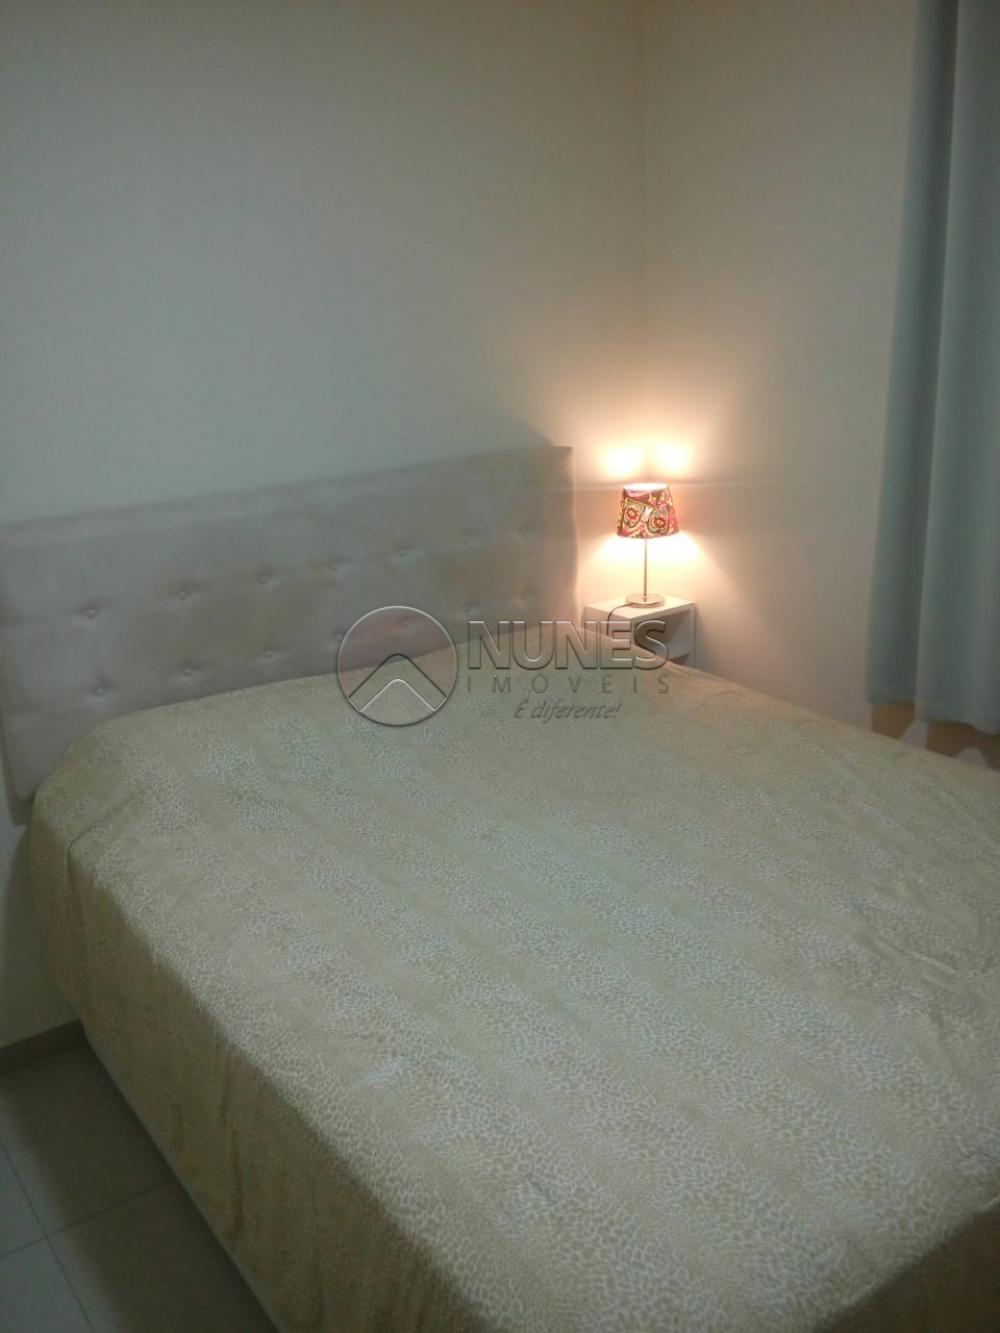 Comprar Apartamento / Padrão em Carapicuíba apenas R$ 200.000,00 - Foto 10